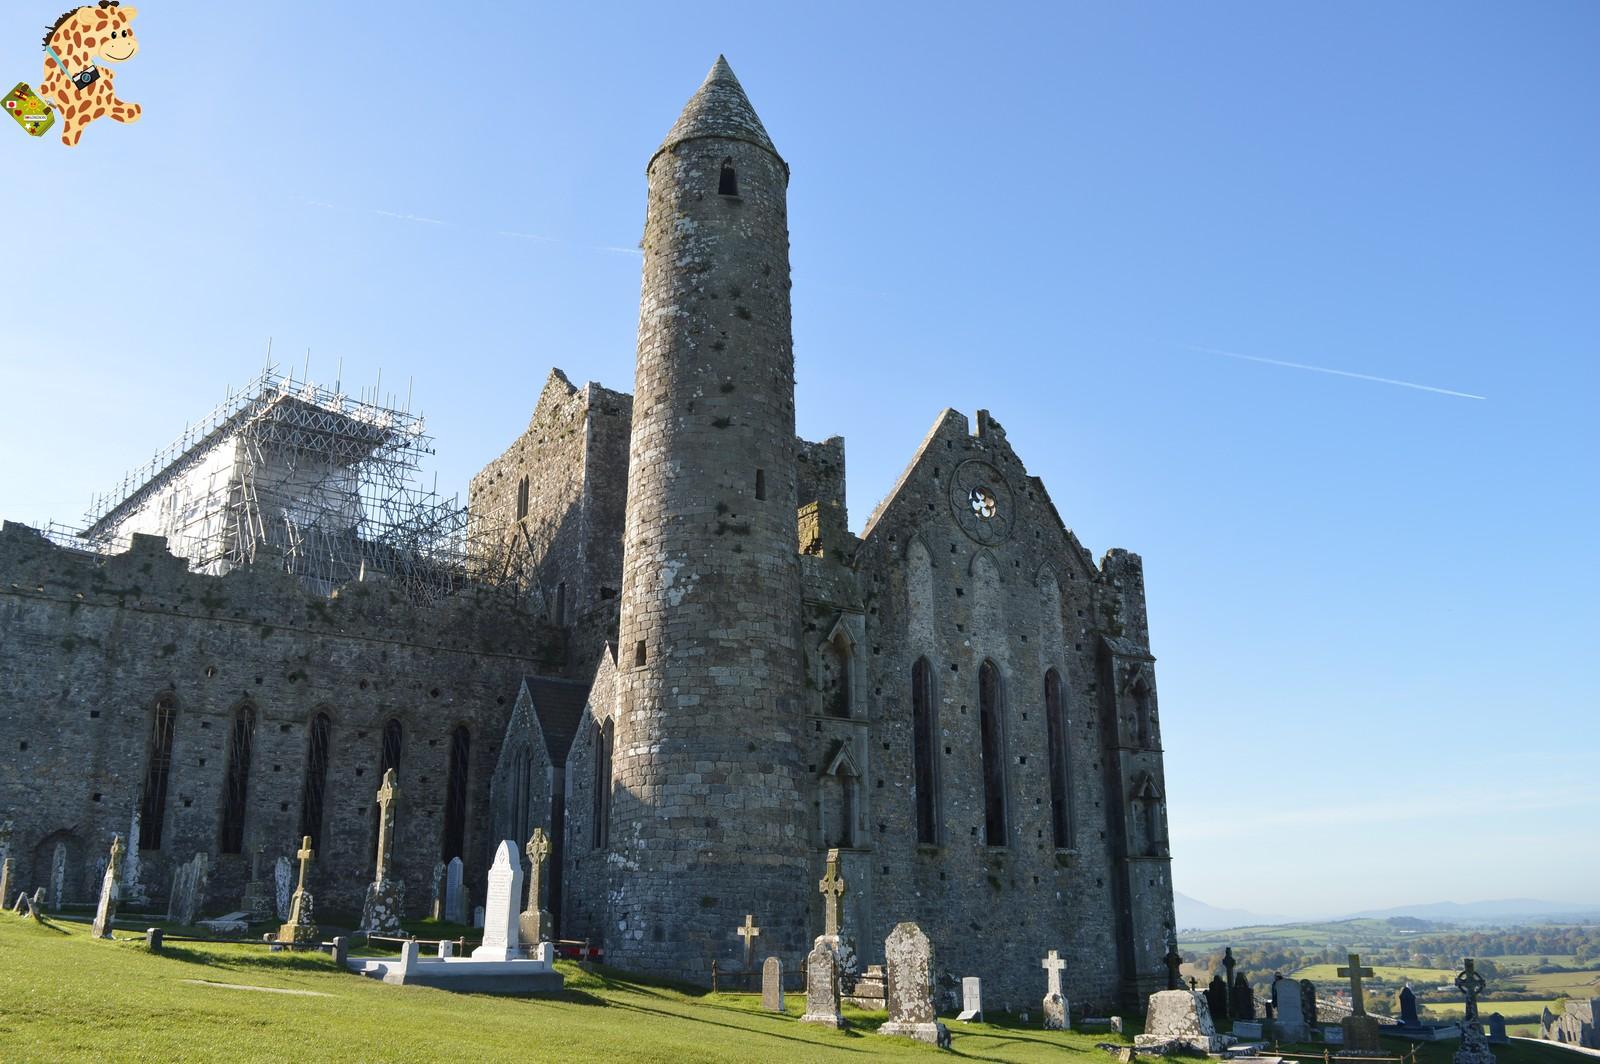 Irlanda28529 2 - Irlanda en 10 días: Rock of Cashel y Kilkenny